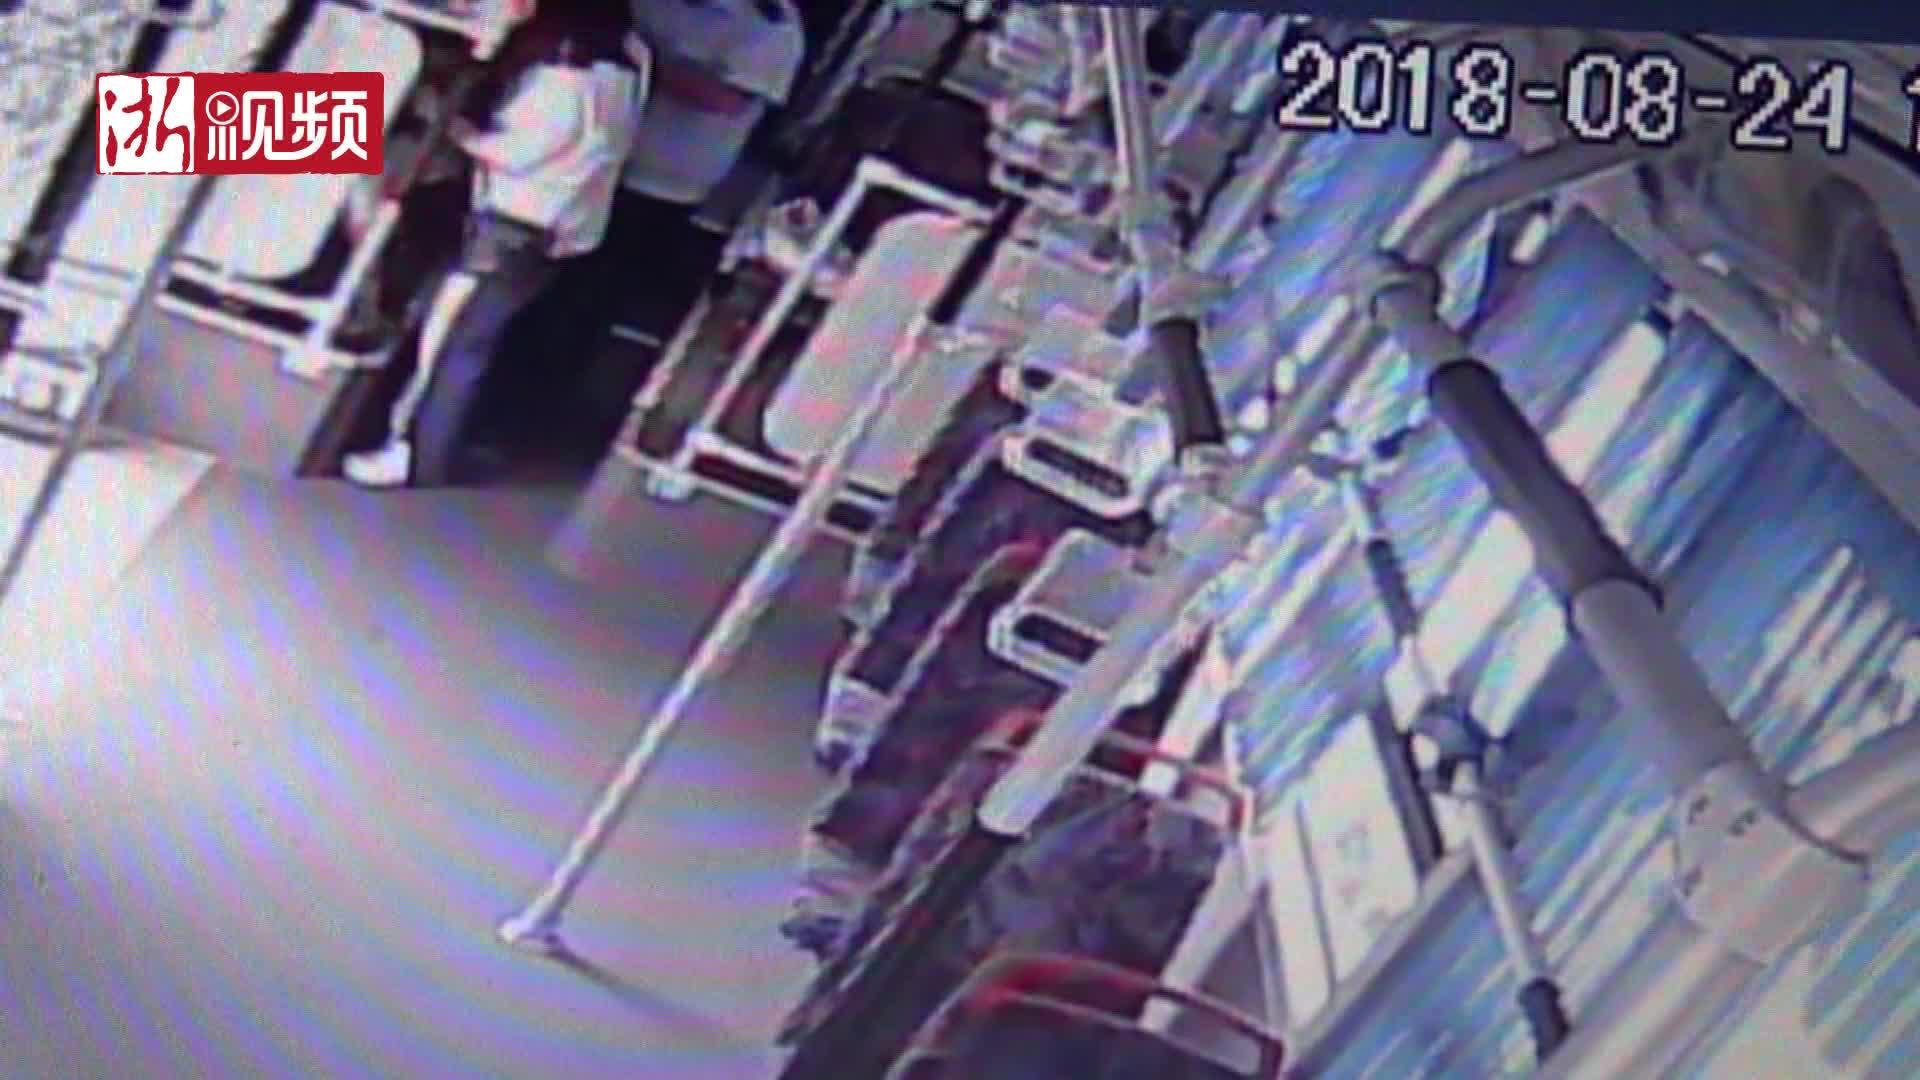 杭州公交车上一姑娘晕倒 司机开车到医院将病人背进急诊室